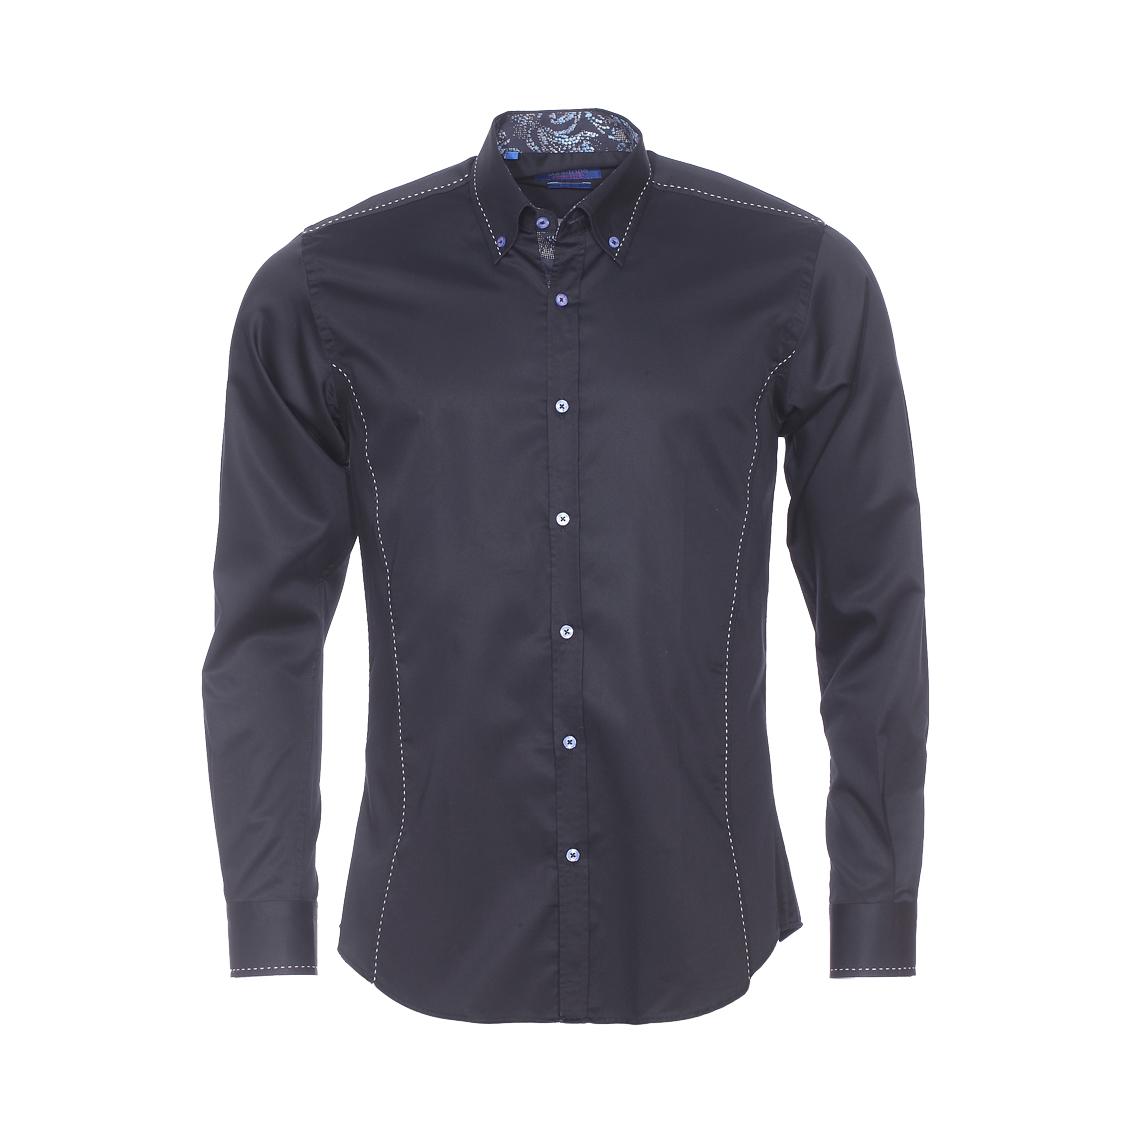 Chemise cintrée  en coton noir à surpiqûres blanches